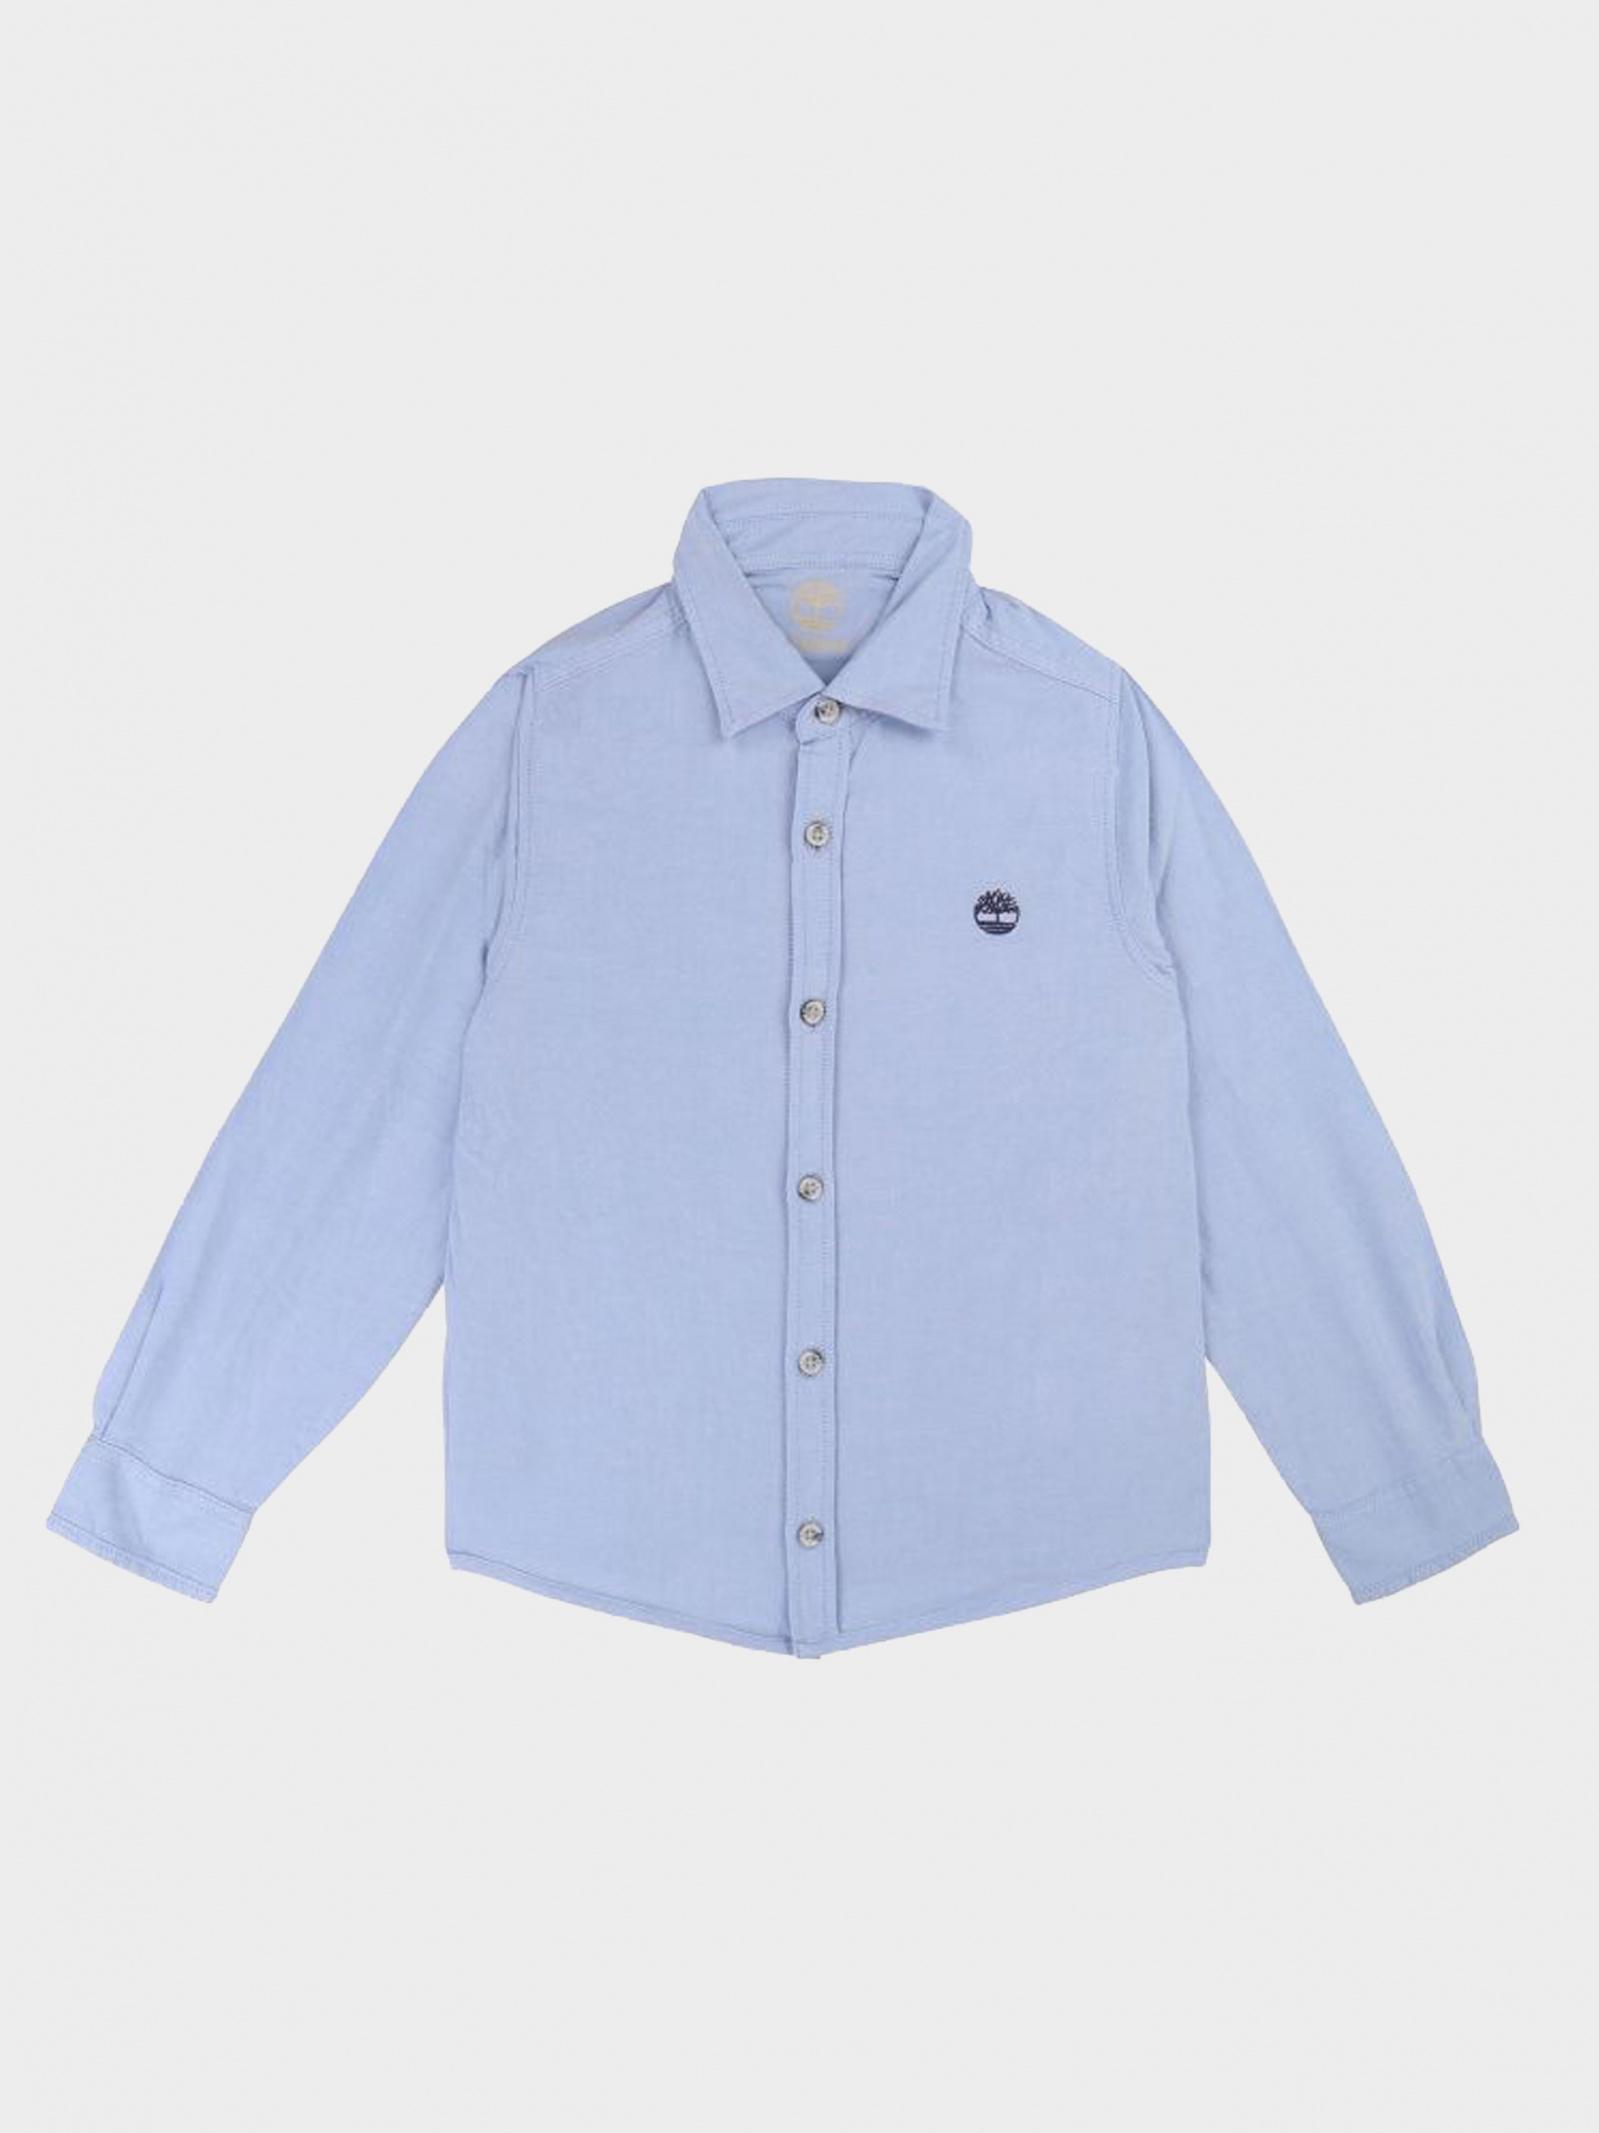 Рубашка с длинным рукавом детские Timberland Kids модель WT828 характеристики, 2017